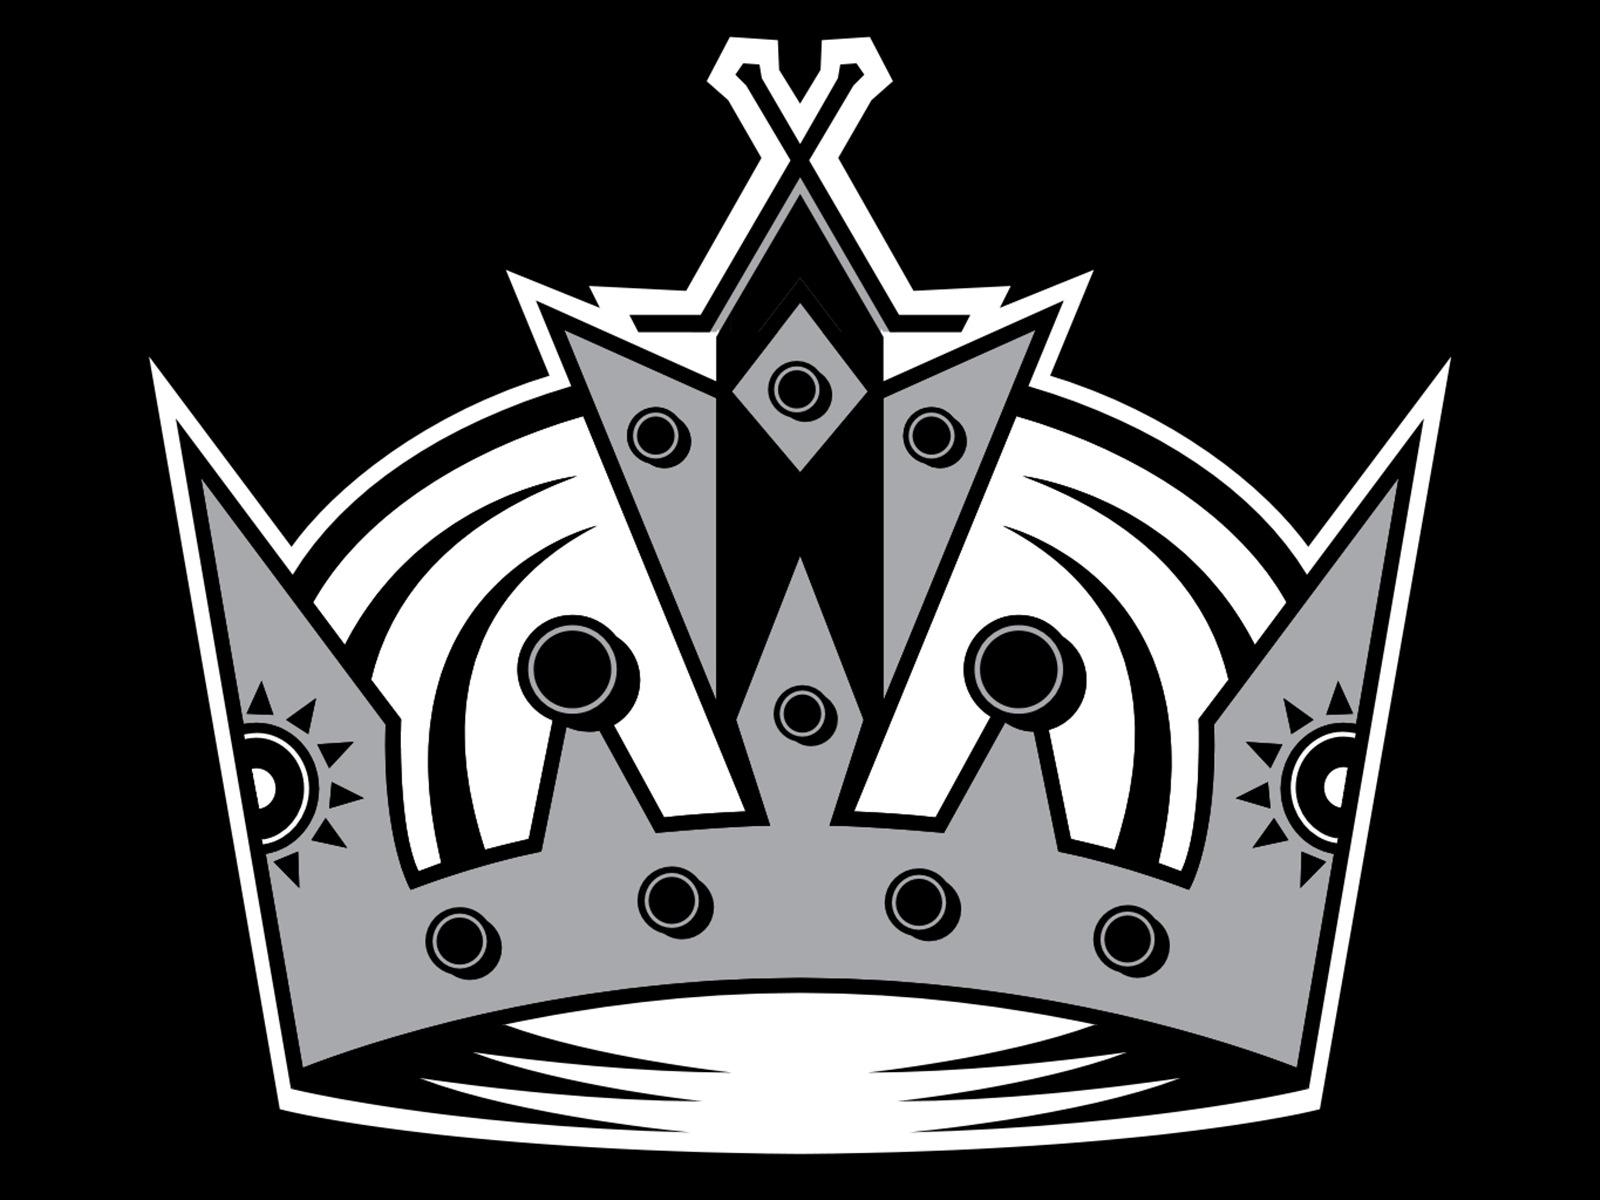 Kings Logo Hd Wallpaper